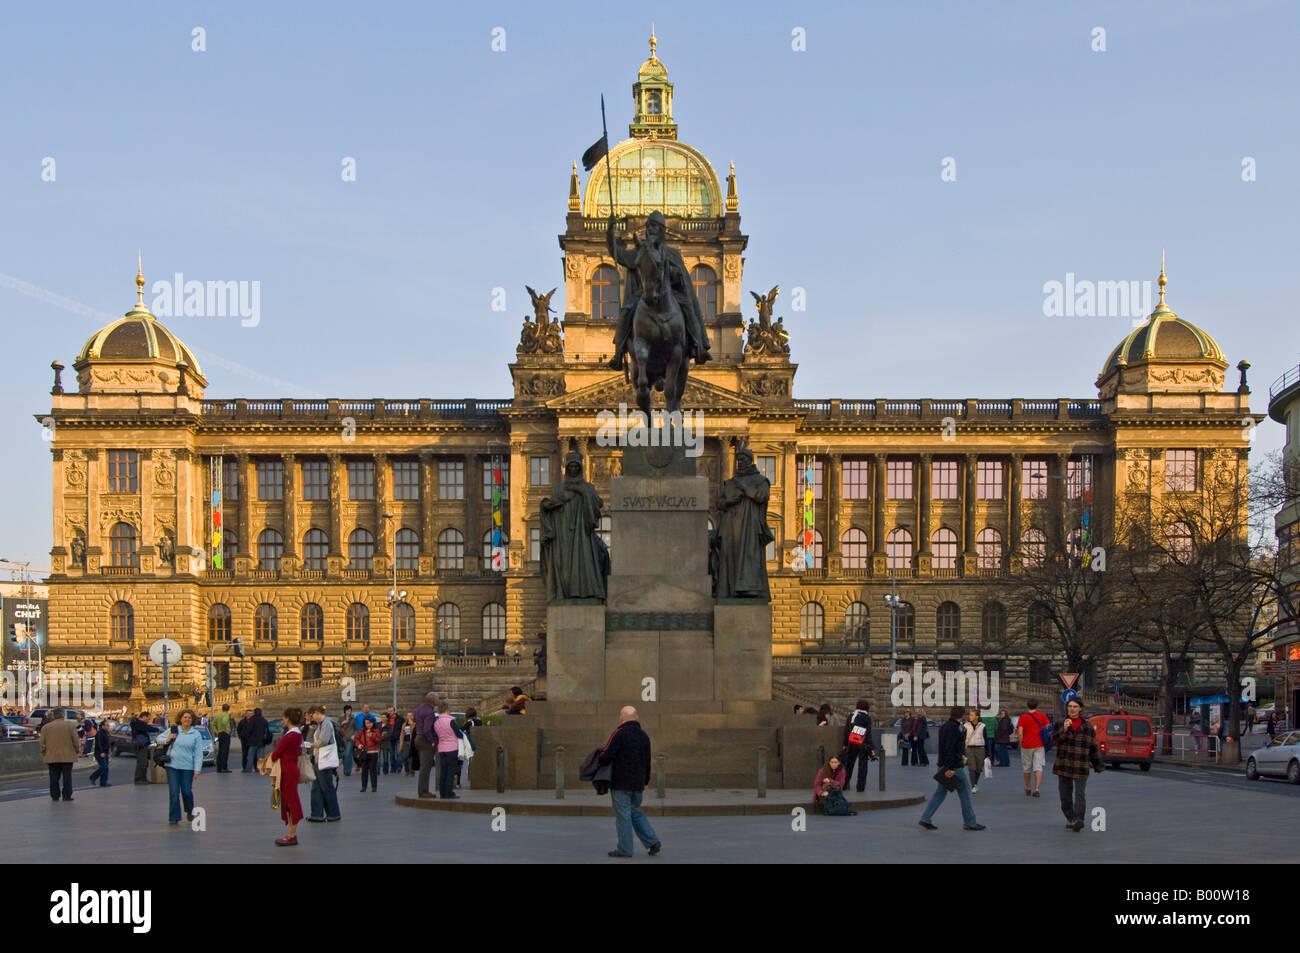 La place Venceslas, le monument et les touristes en face du bâtiment principal du Musée National de Prague. Photo Stock